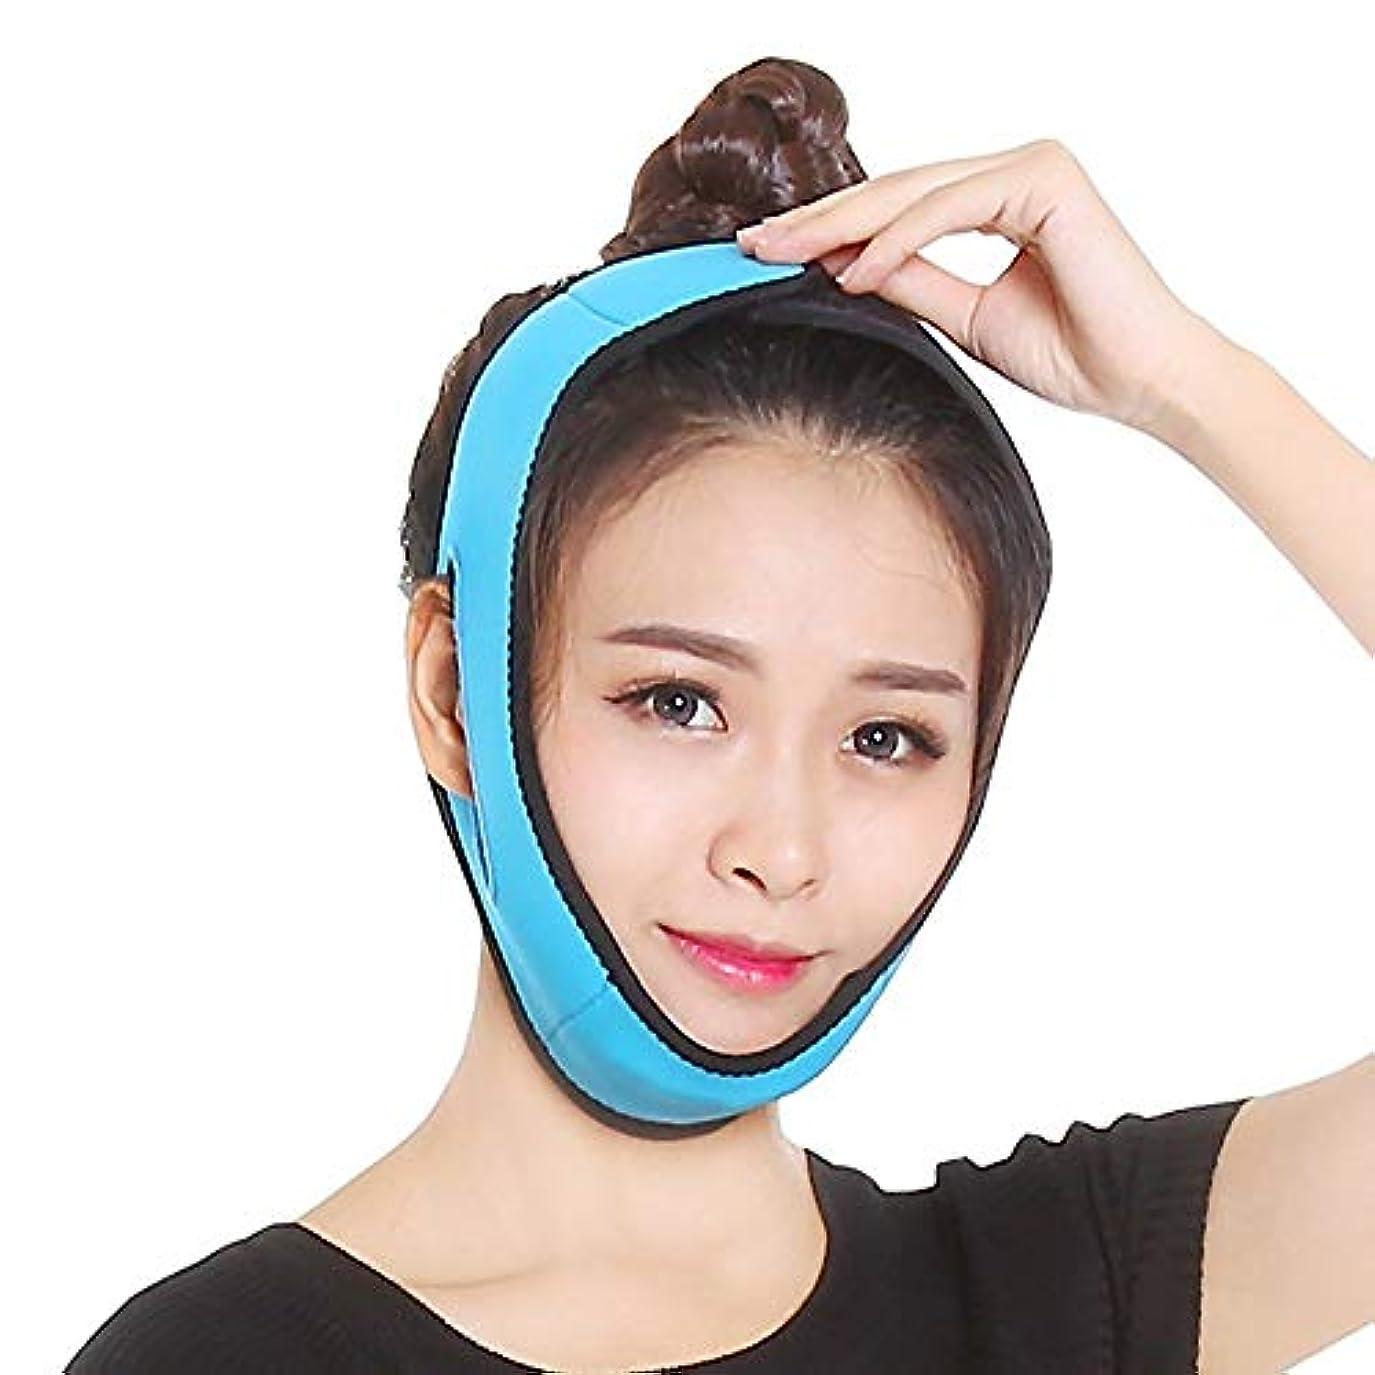 定規調整可能星フェイシャルリフティングスリミングベルト - 薄いフェイス包帯二重あごデバイス無料フェイシャルマッサージ整形マスクを引き締める顔と首の顔スリム